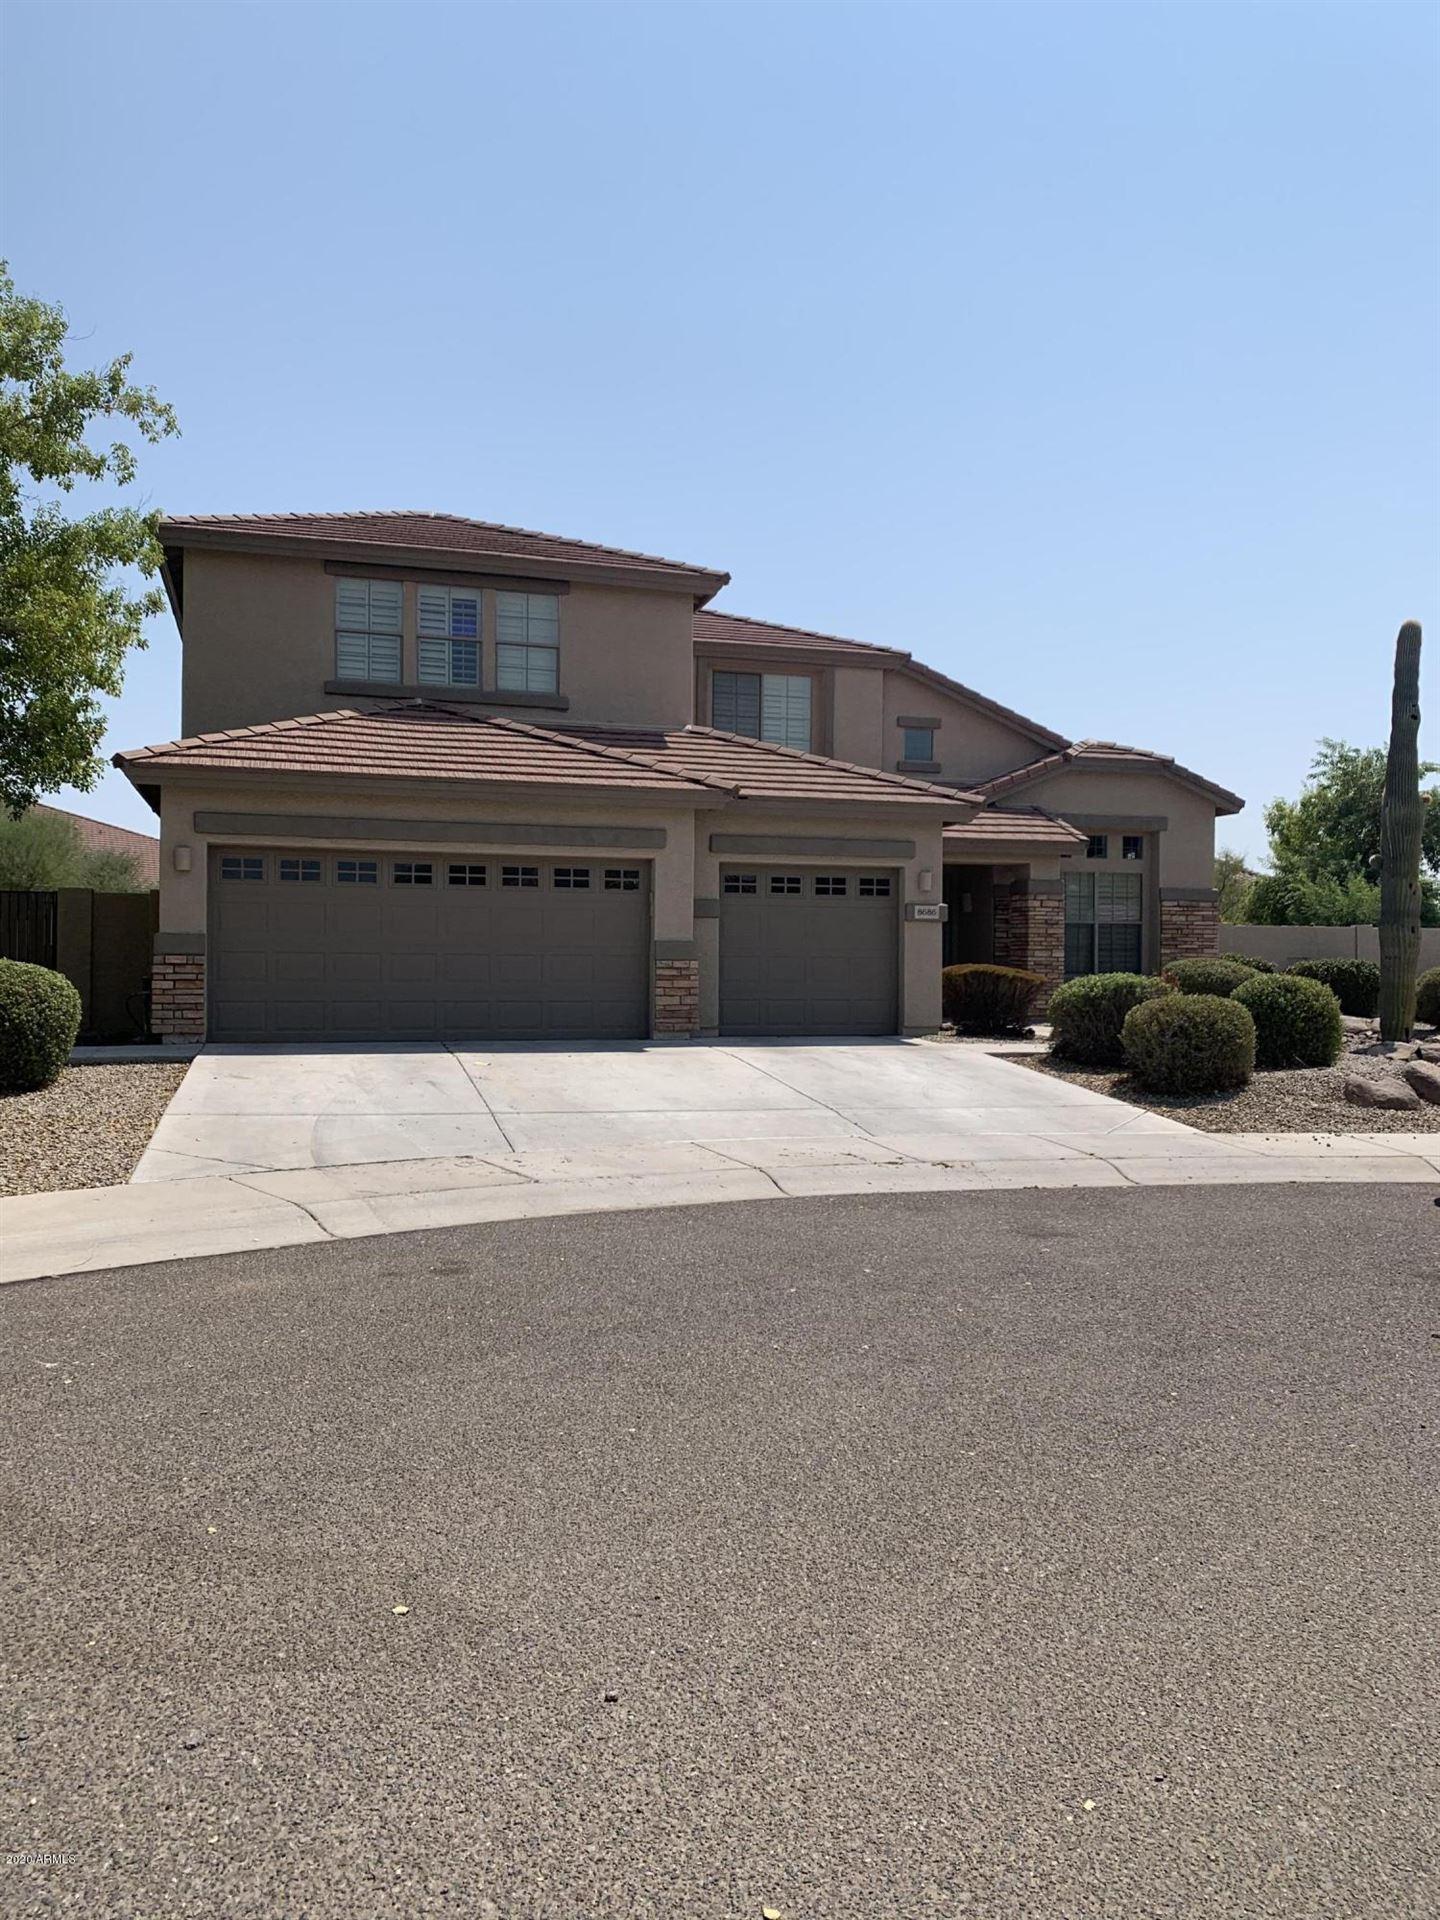 8686 W MORTEN Avenue, Glendale, AZ 85305 - MLS#: 6121570